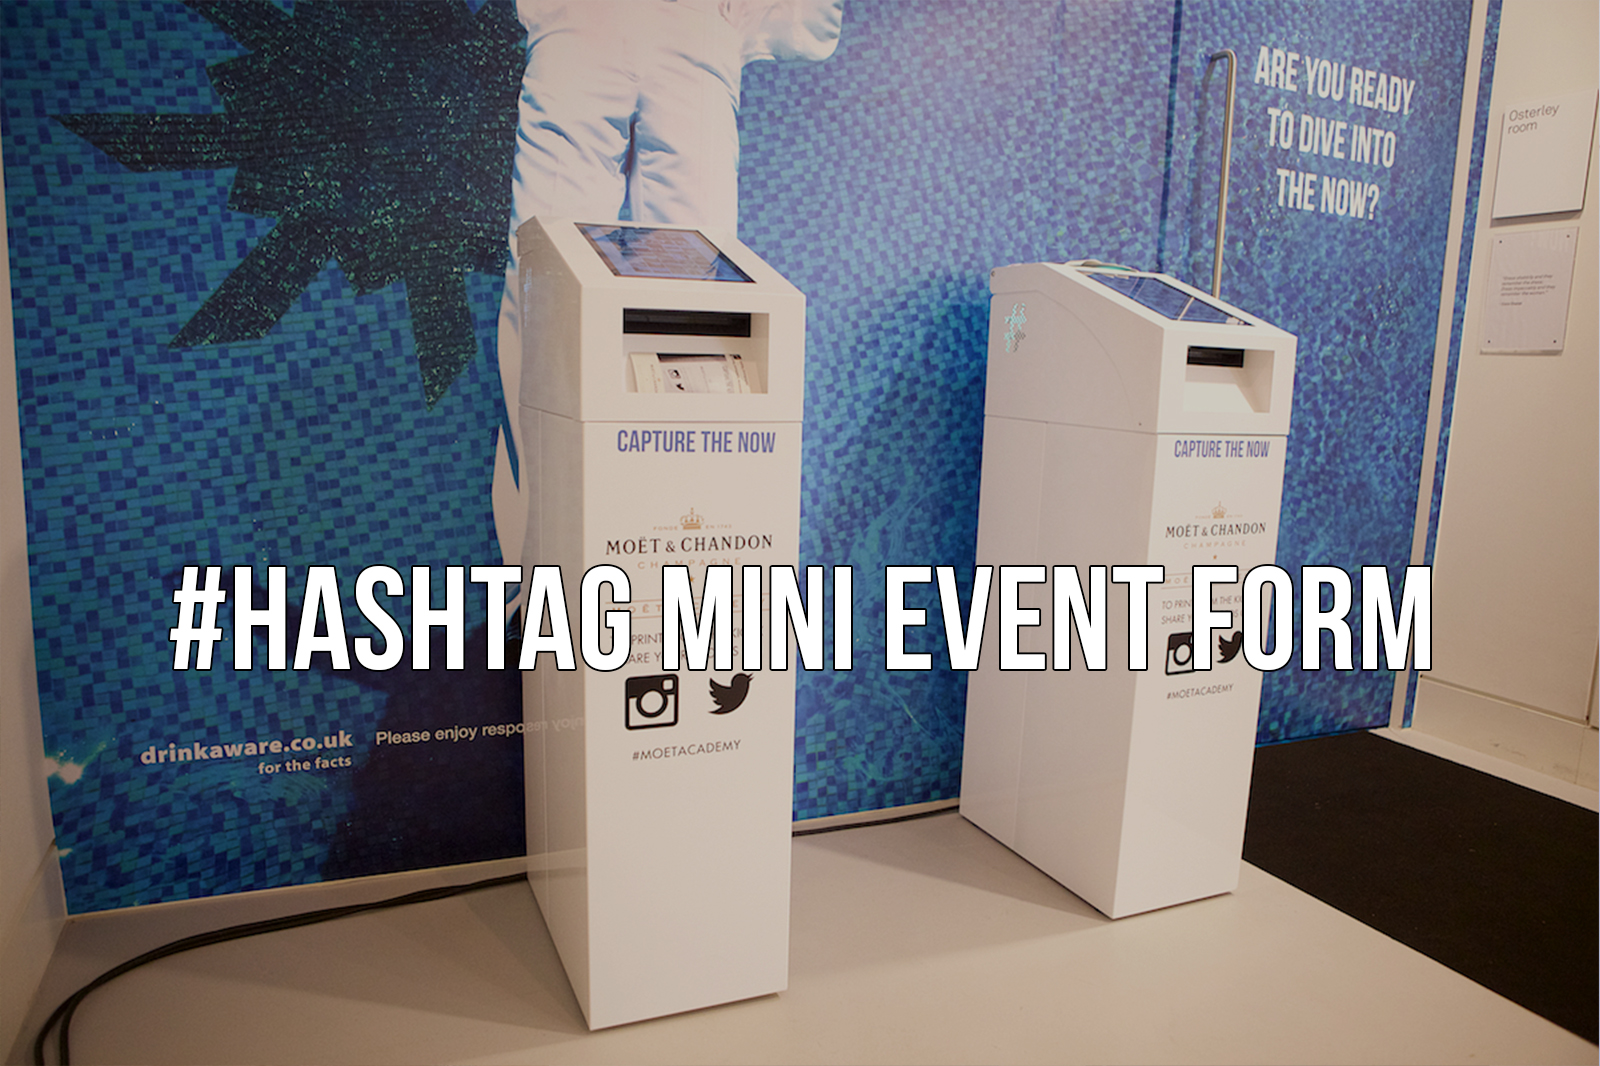 #hashtag event